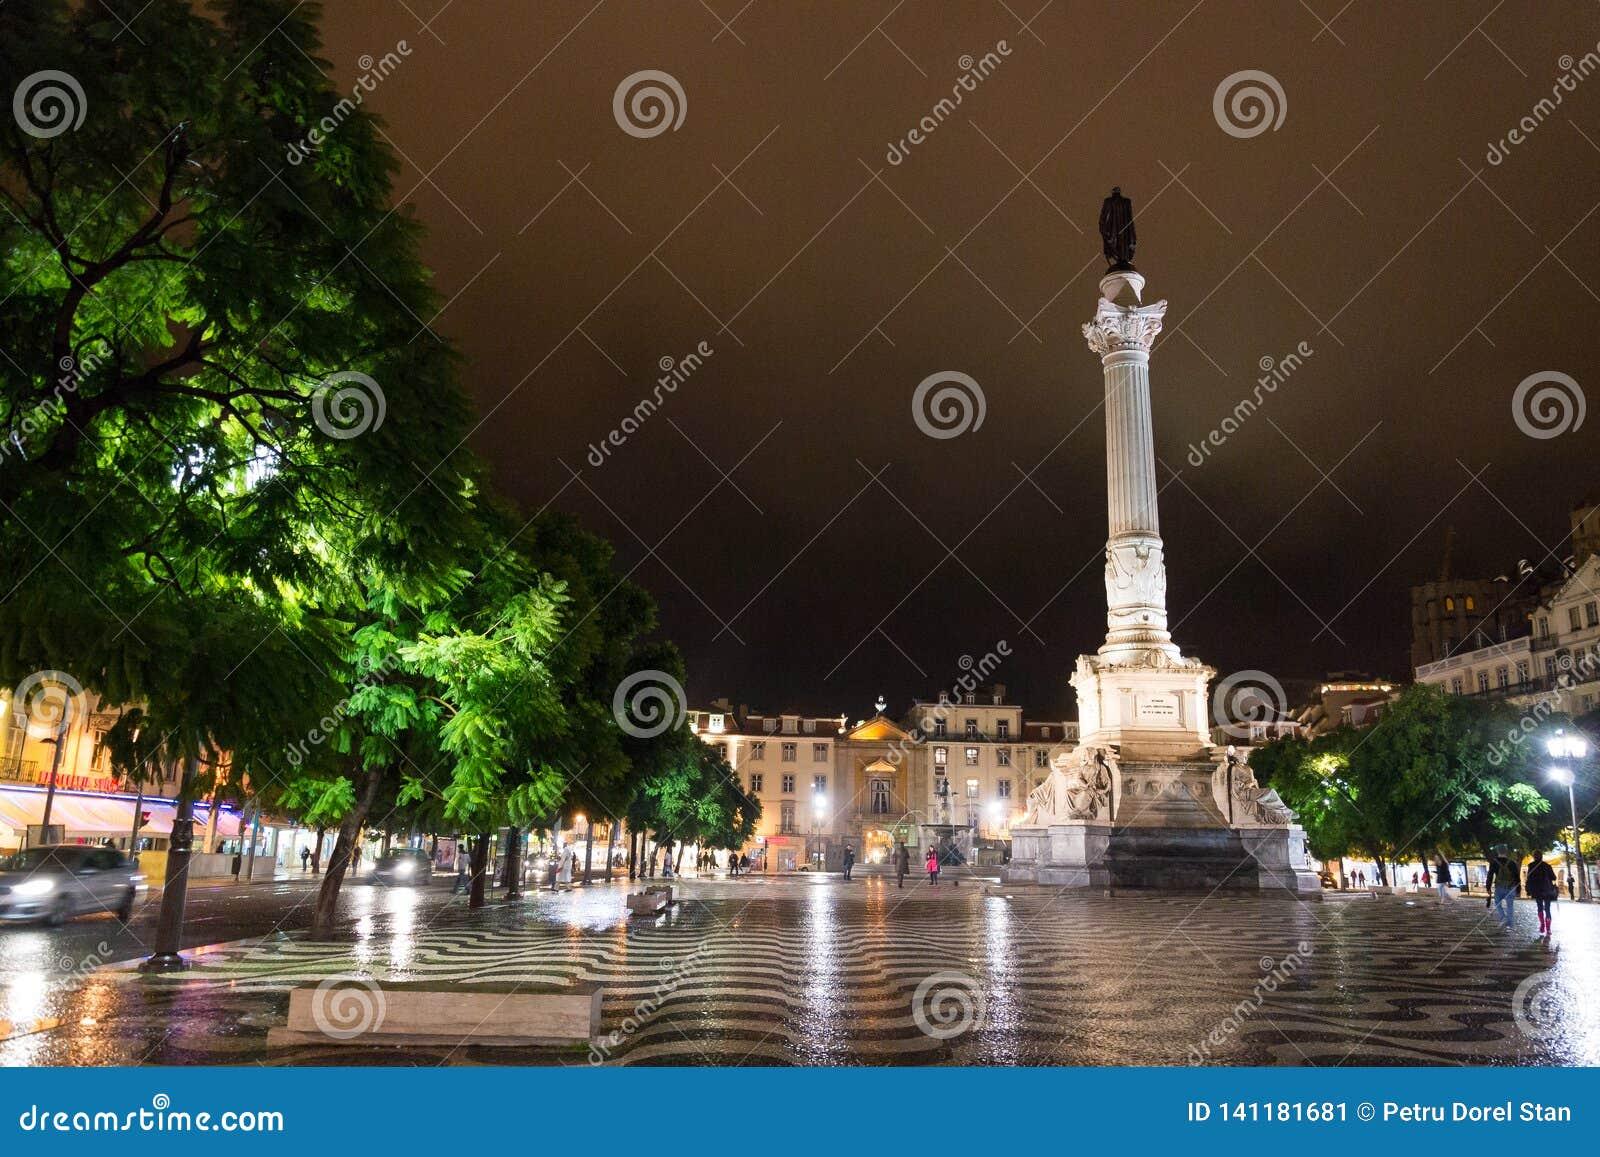 Σκηνή νύχτας της πλατείας Rossio, Λισσαβώνα, Πορτογαλία με μια από τις διακοσμητικές πηγές του και τη στήλη του Pedro IV